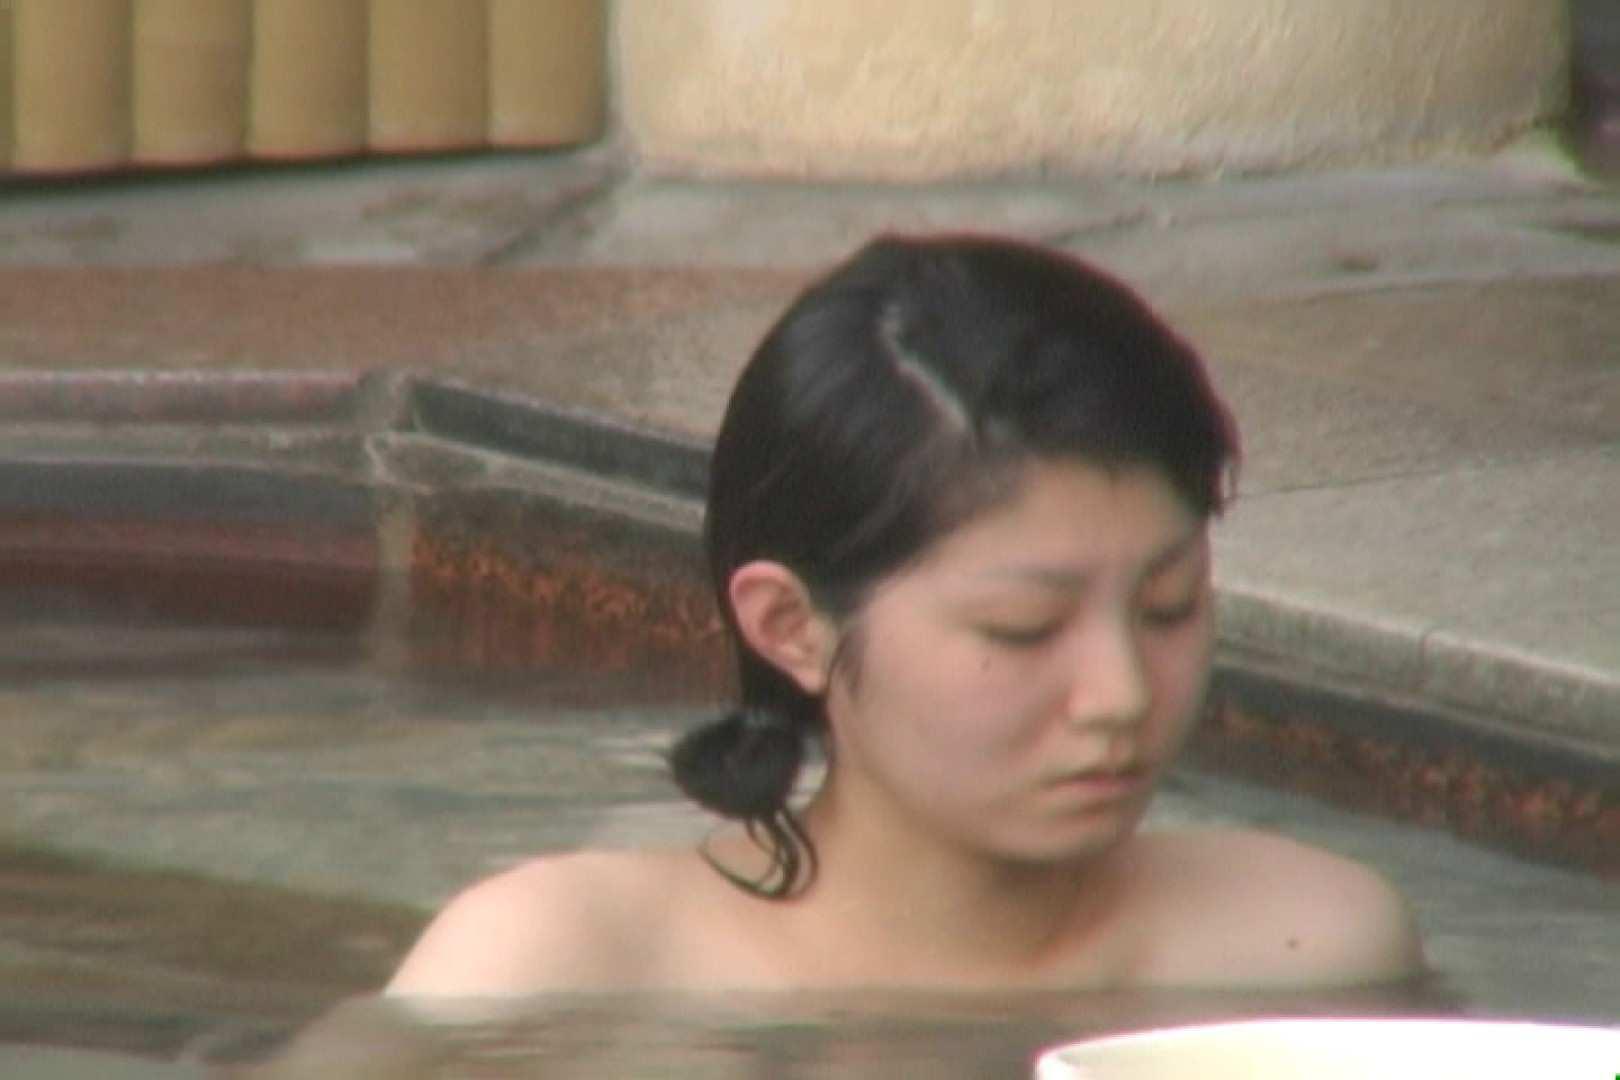 Aquaな露天風呂Vol.579 OLエロ画像  42PICs 27